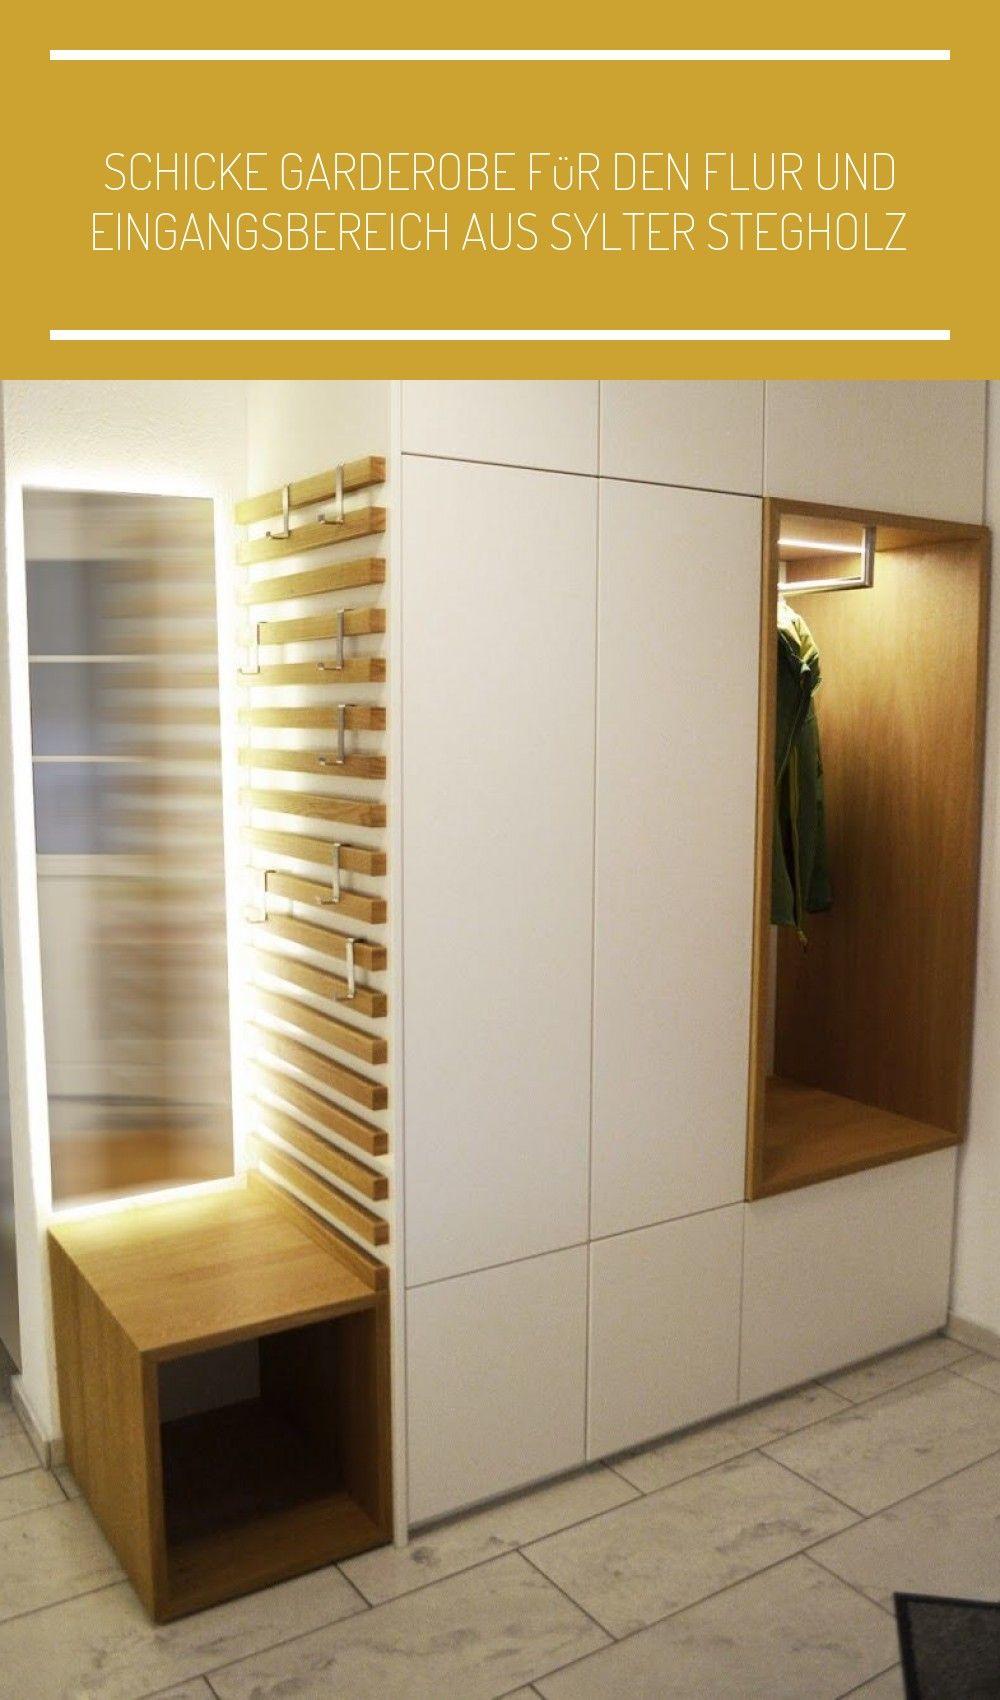 Schicke Garderobe Fur Den Flur In 2020 Room Divider Furniture Home